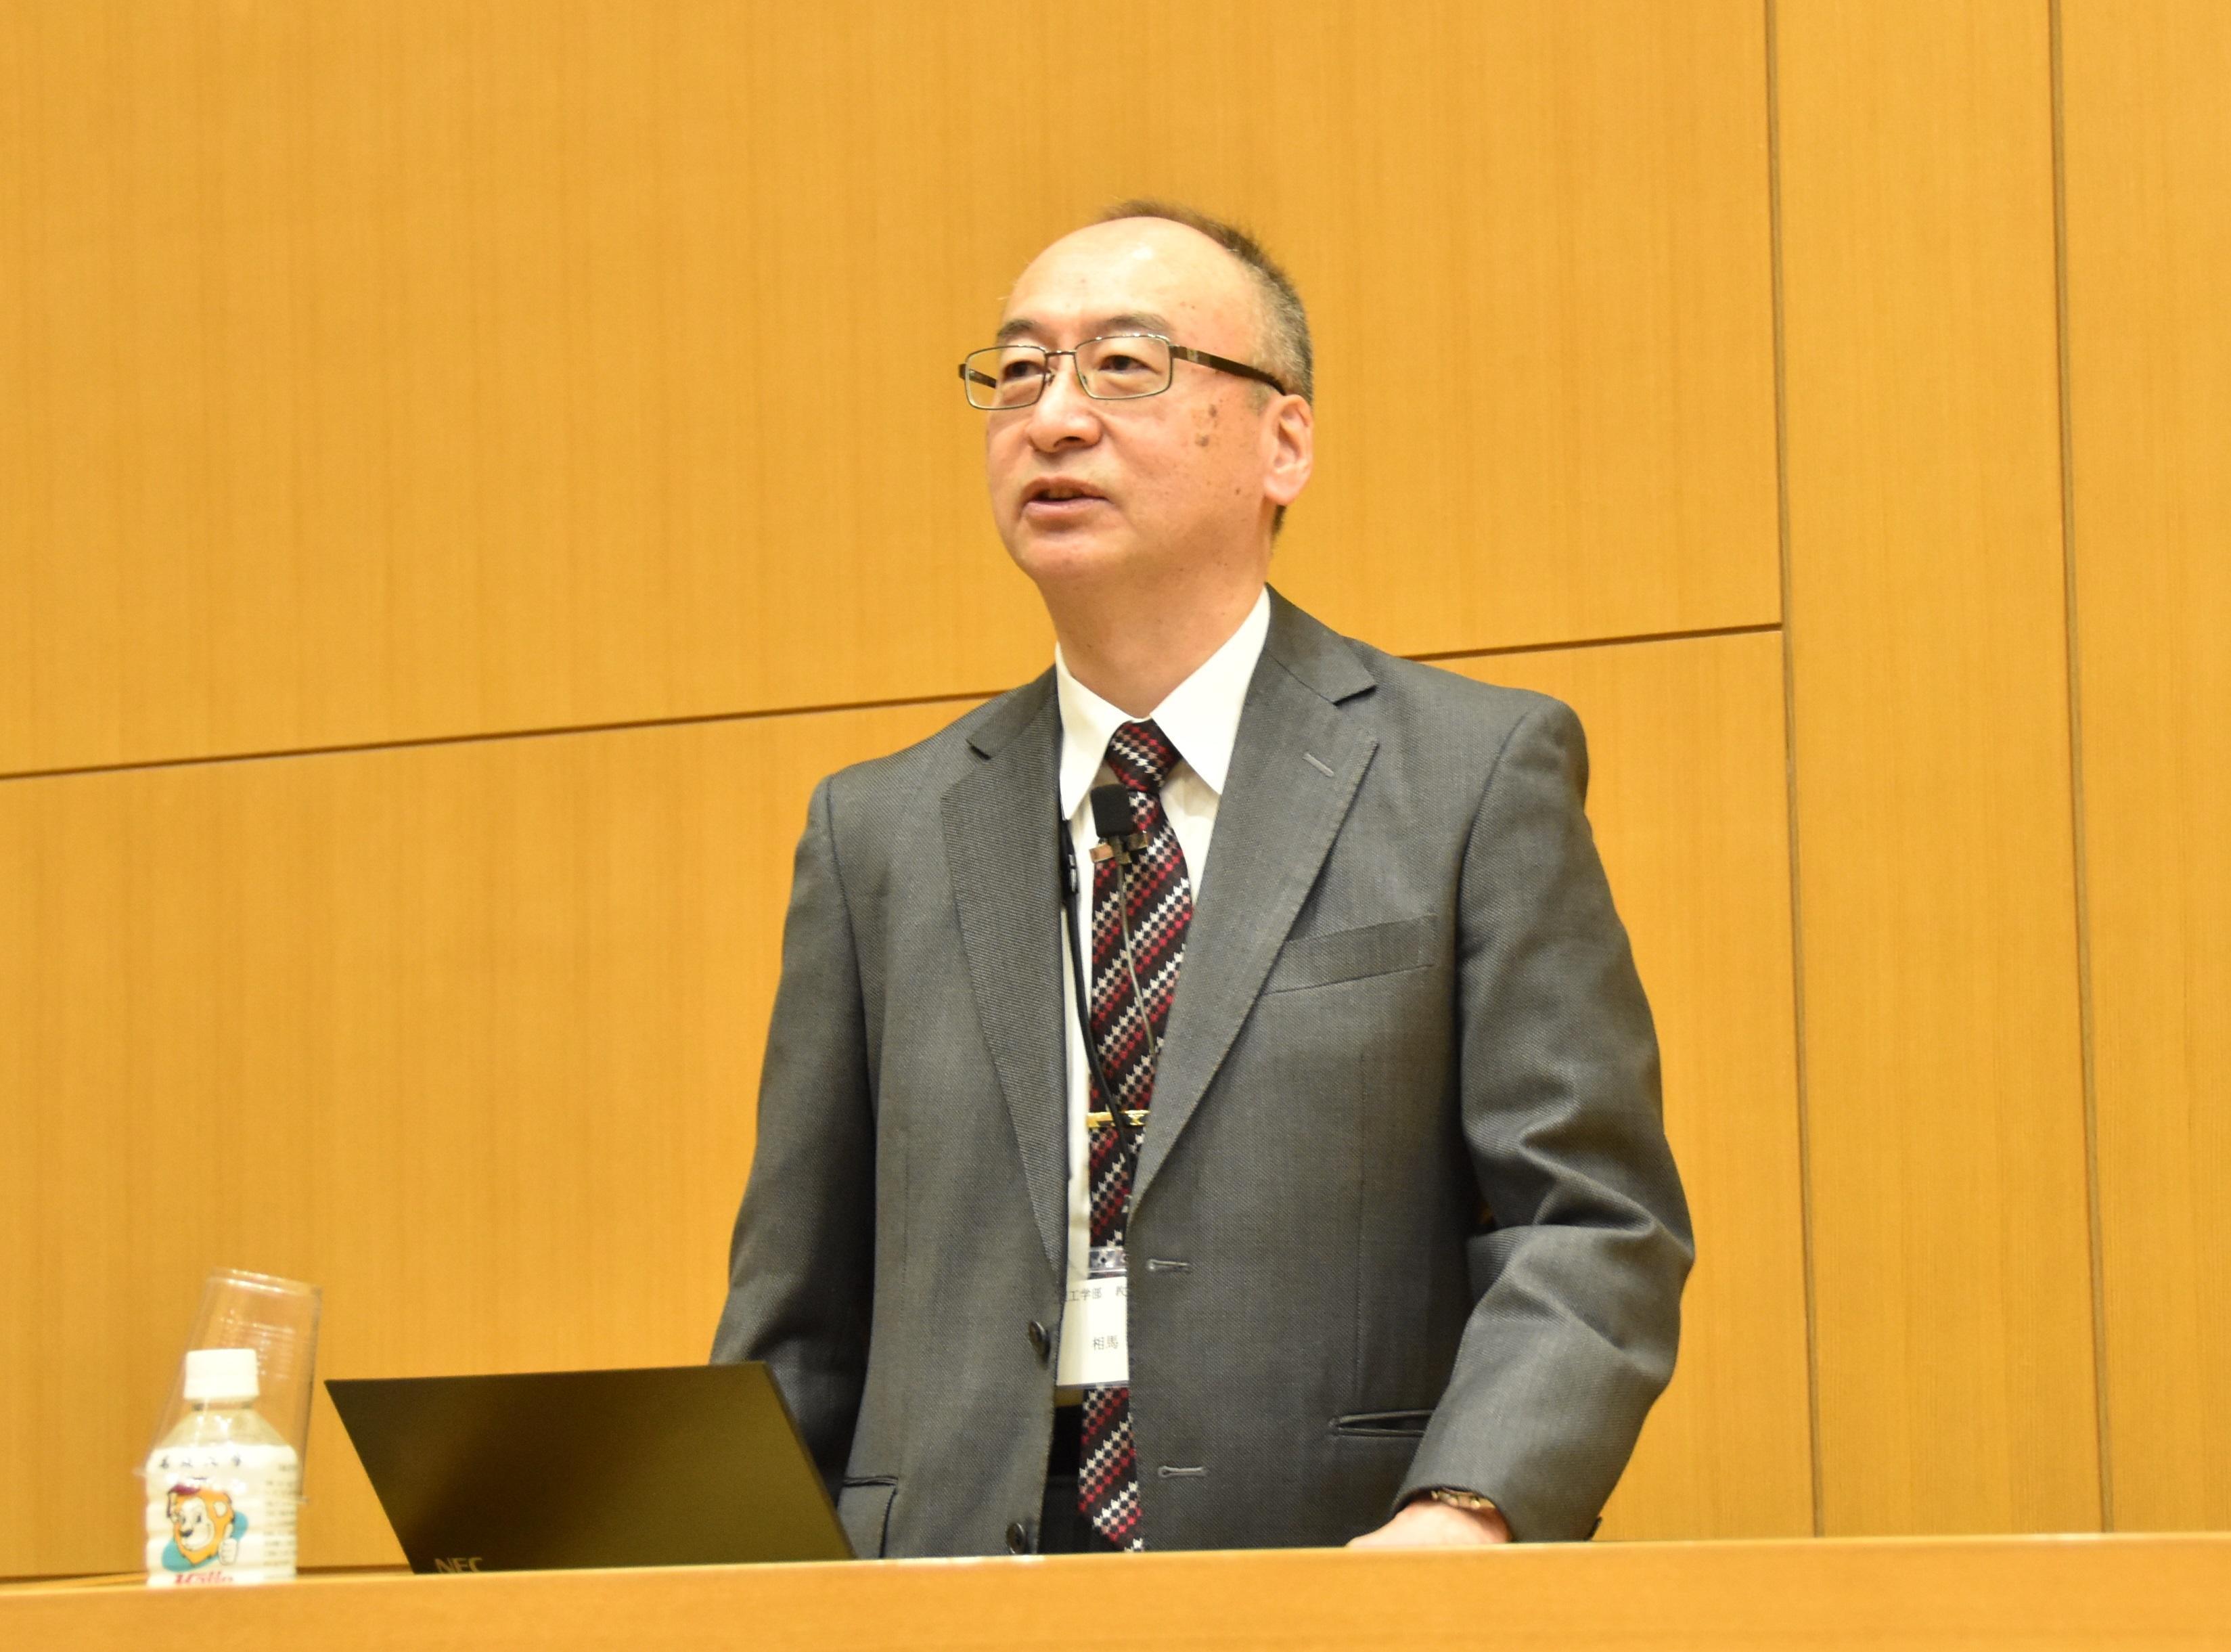 講演する相馬仁教授